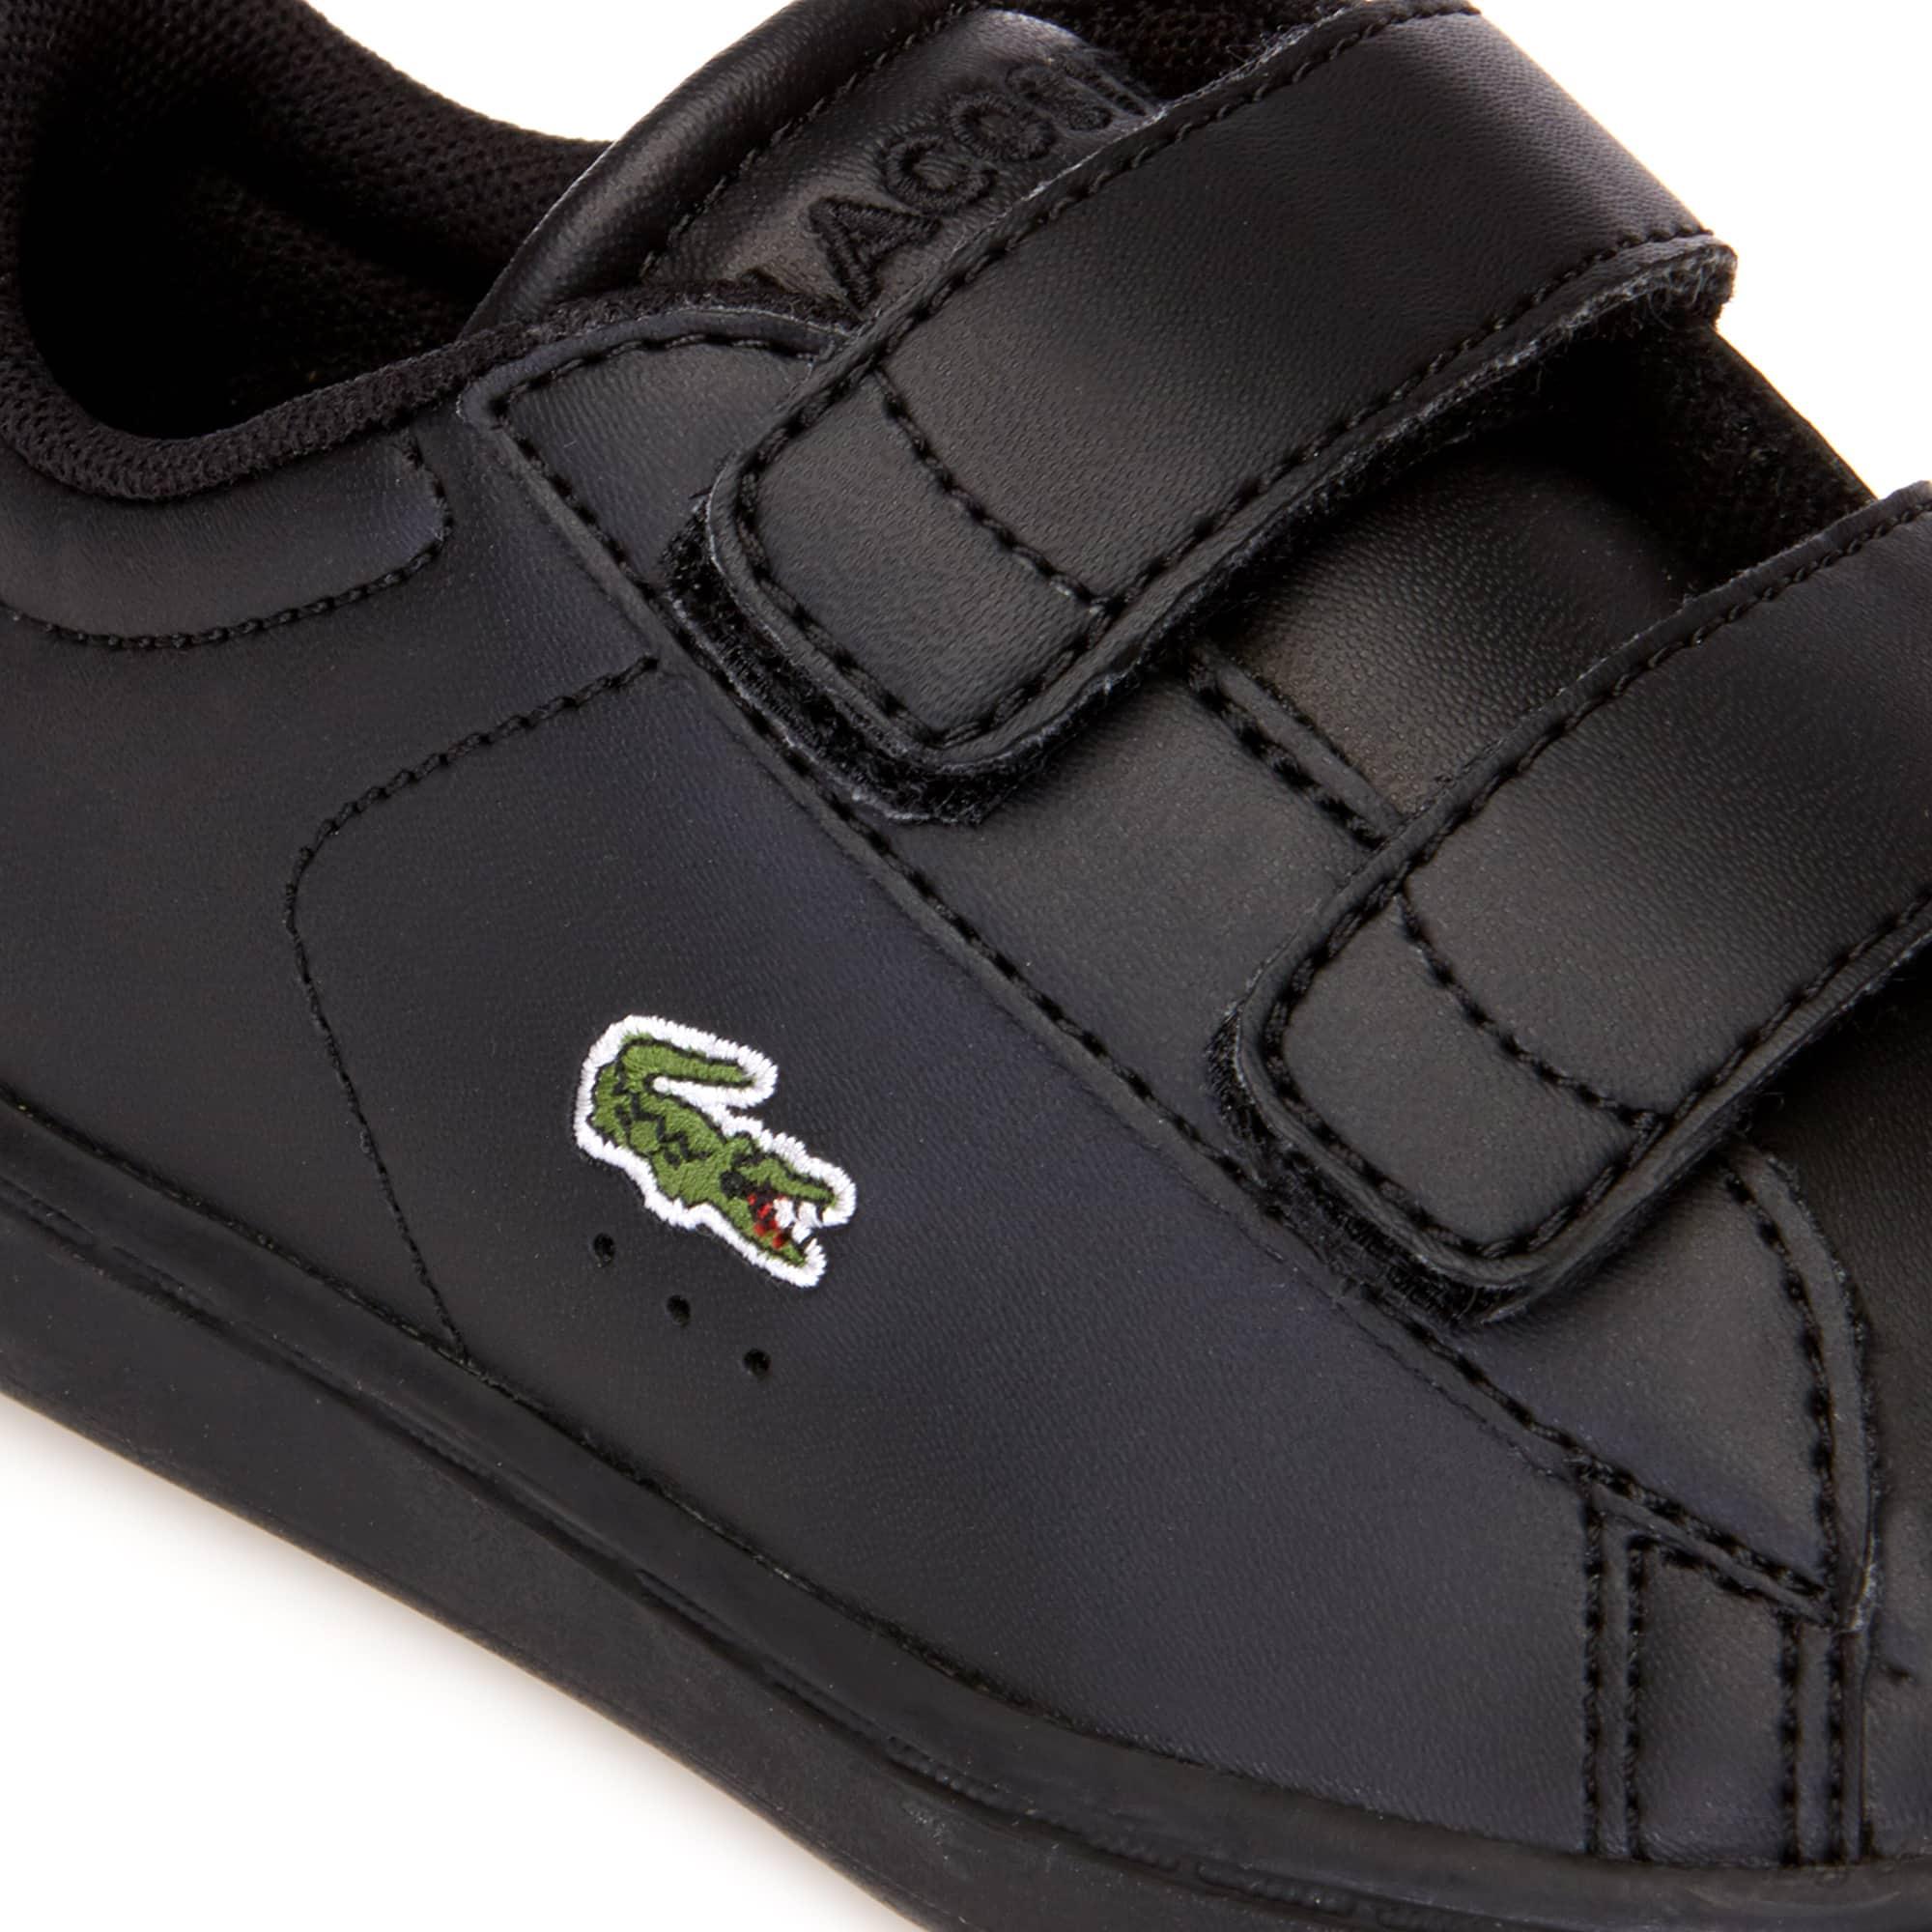 Semelle Enfant Ortholite Sneakers Evo Cuir Simili Carnaby En Hb9eID2YWE